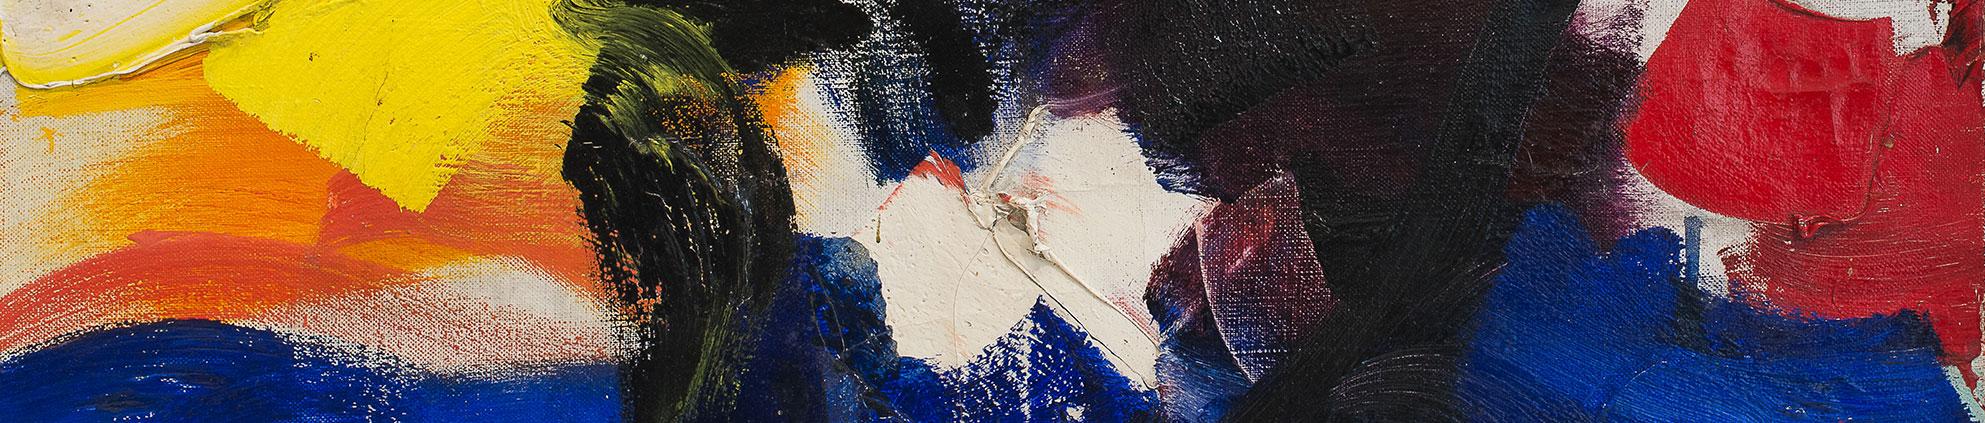 jean miotte - exposition galerie diane de polignac